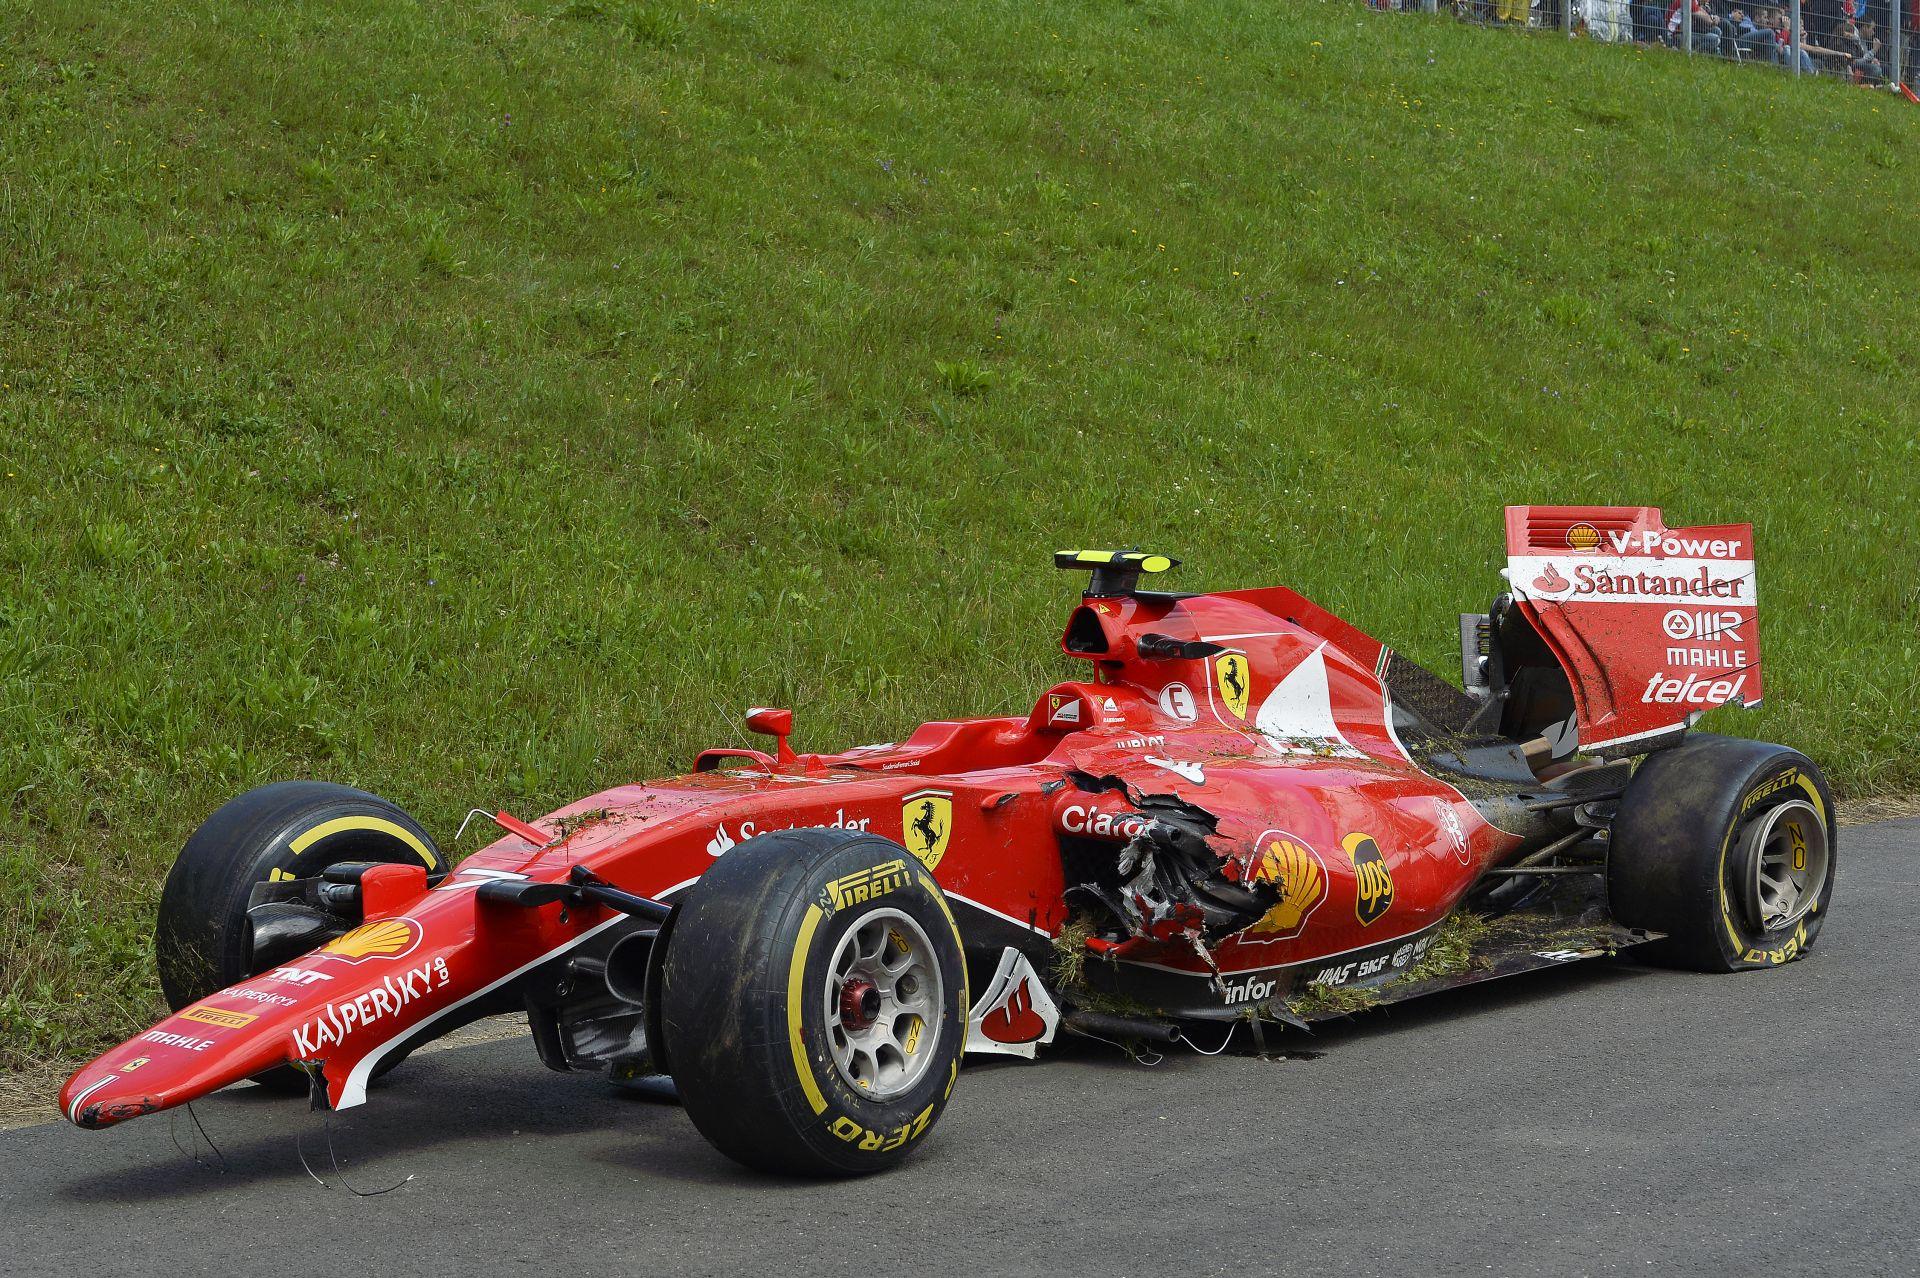 Képeken Raikkönen csúnyán lezúzott Ferrarija